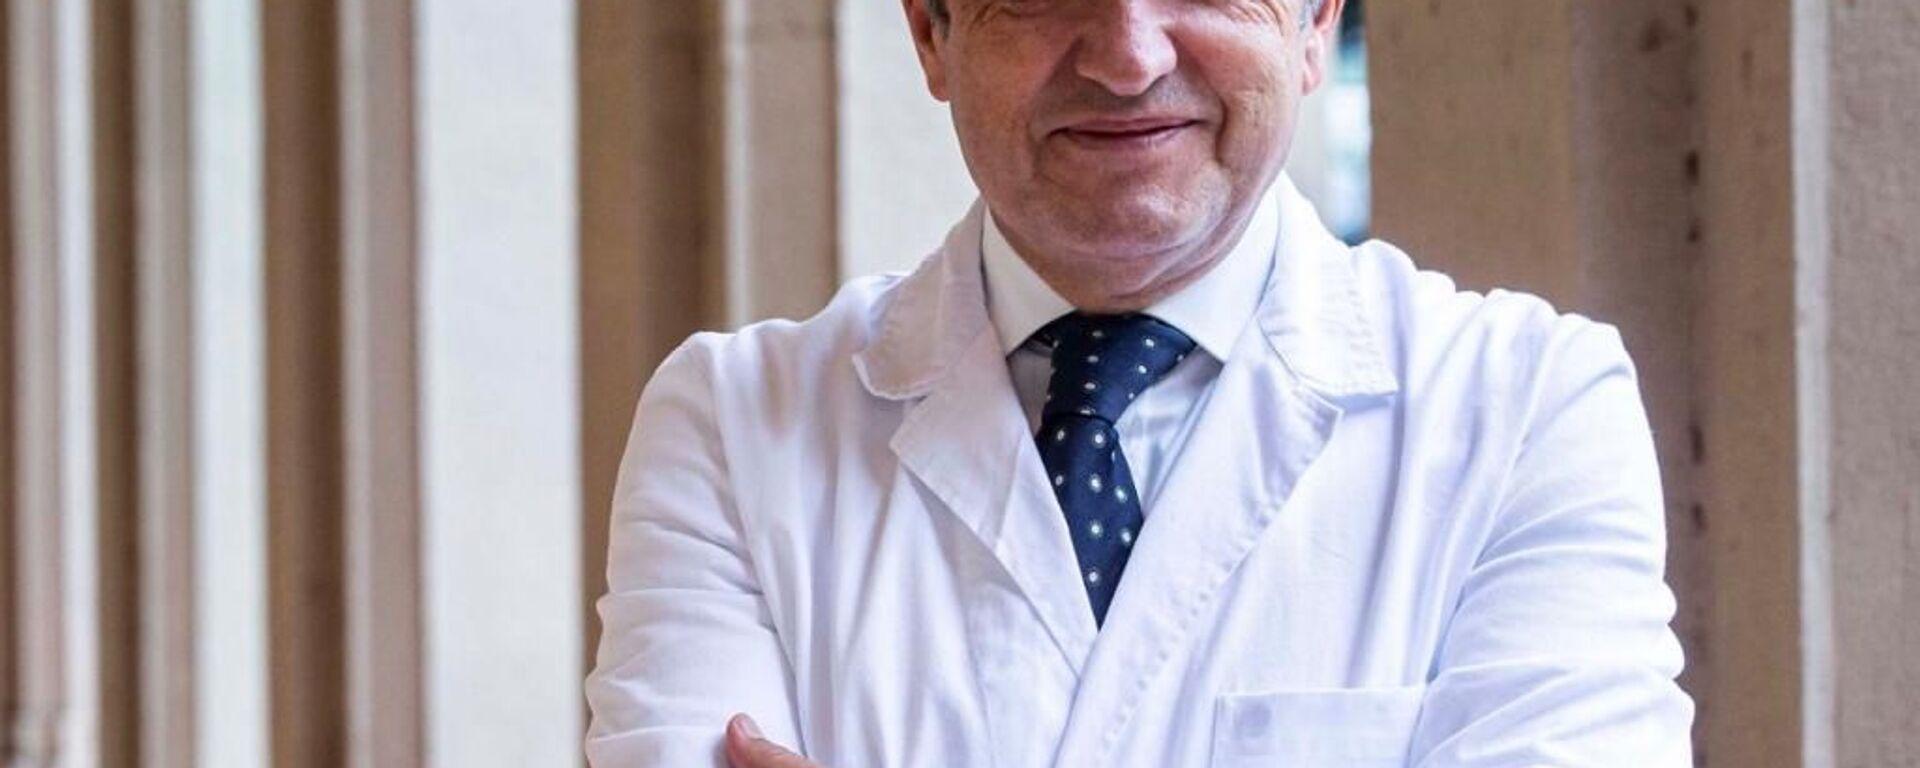 Francesco Vaia, direttore sanitario dell'Istituto Spallanzani di Roma - Sputnik Italia, 1920, 16.04.2021